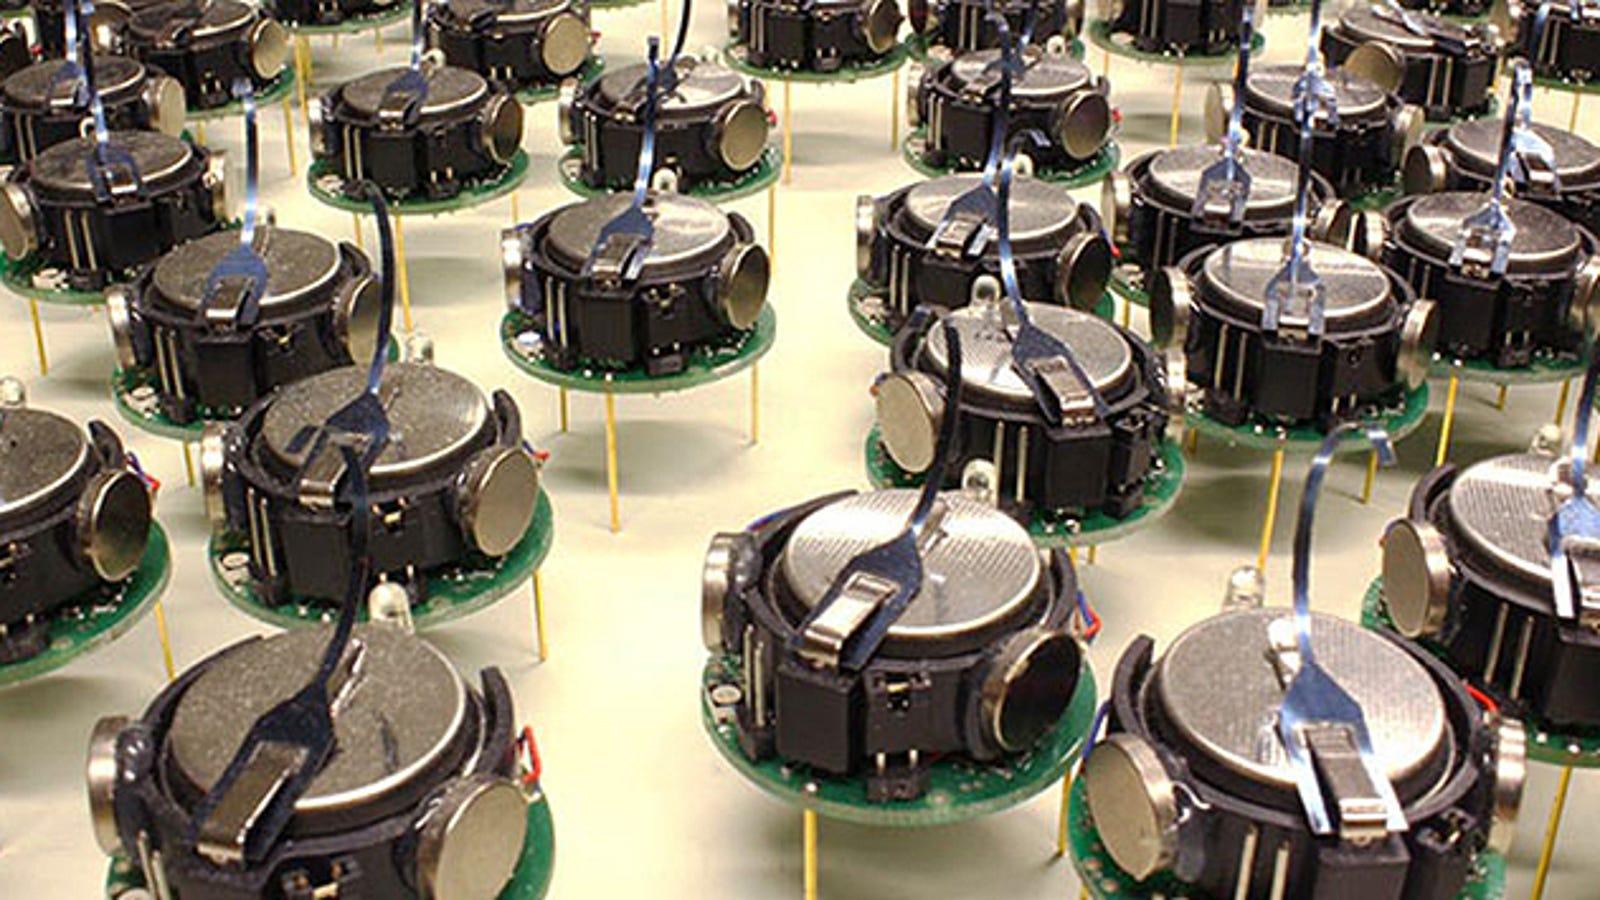 Científicos de Harvard crean un enjambre cooperativo de 1.000 robots